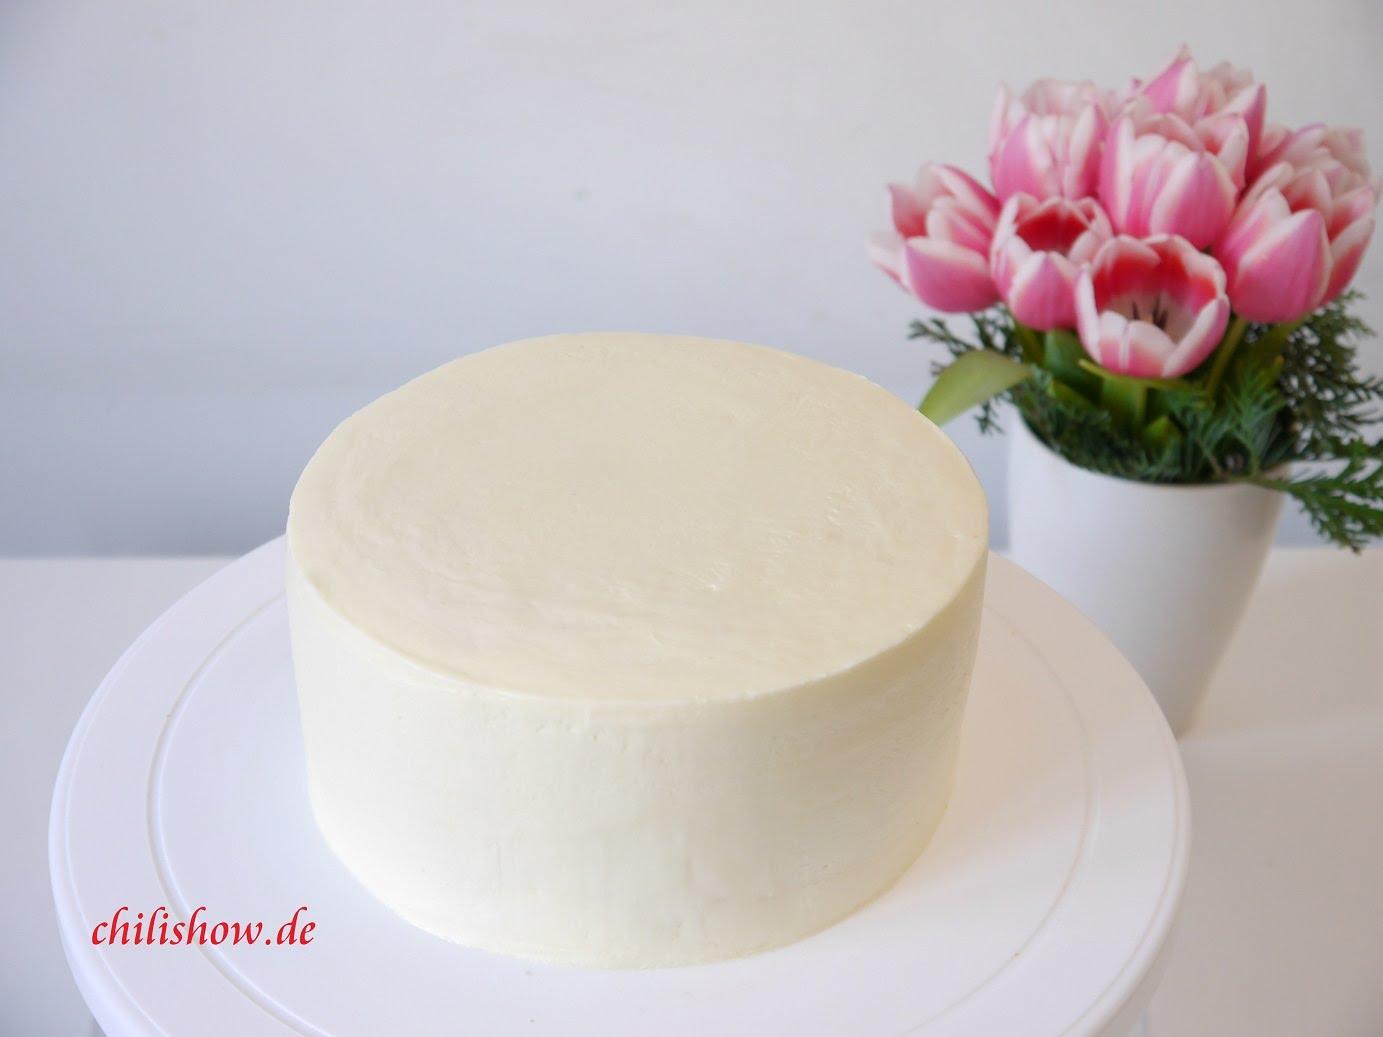 Cách phủ kem lên bánh gato phẳng mịn không nên bỏ qua-566 cách phủ kem lên bánh gato Cách phủ kem lên bánh gato phẳng mịn đẹp như ý cach phu kem len banh gato min phang khong the bo qua 1